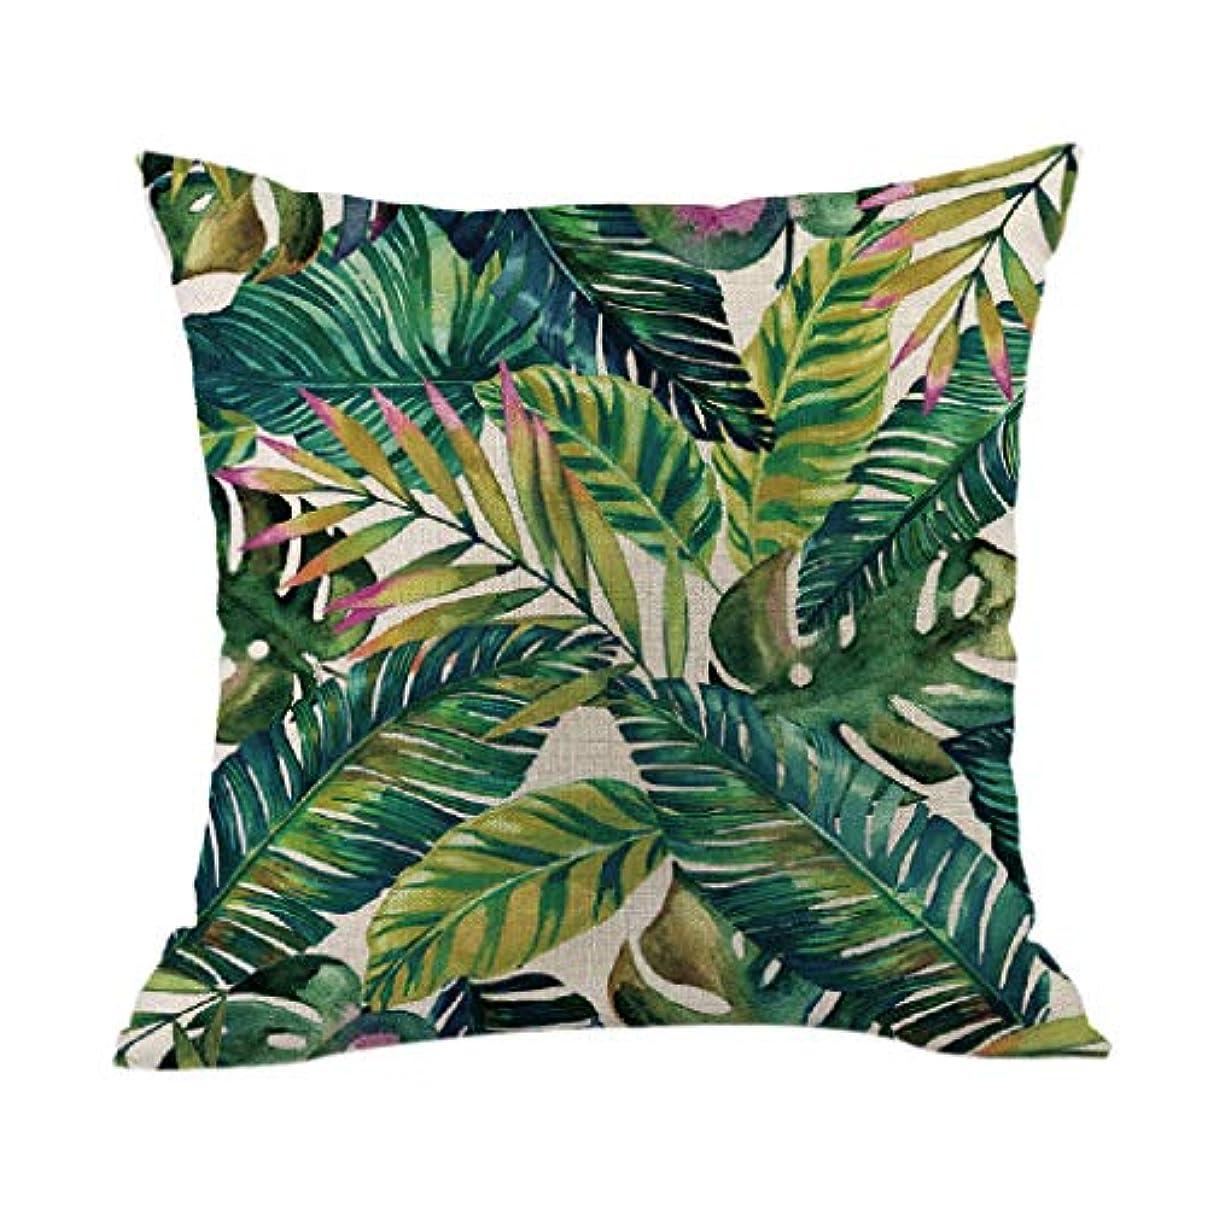 レースしなやか状態LIFE 高品質クッション熱帯植物ポリエステル枕ソファ投げるパッドセットホーム人格クッション coussin decoratif クッション 椅子